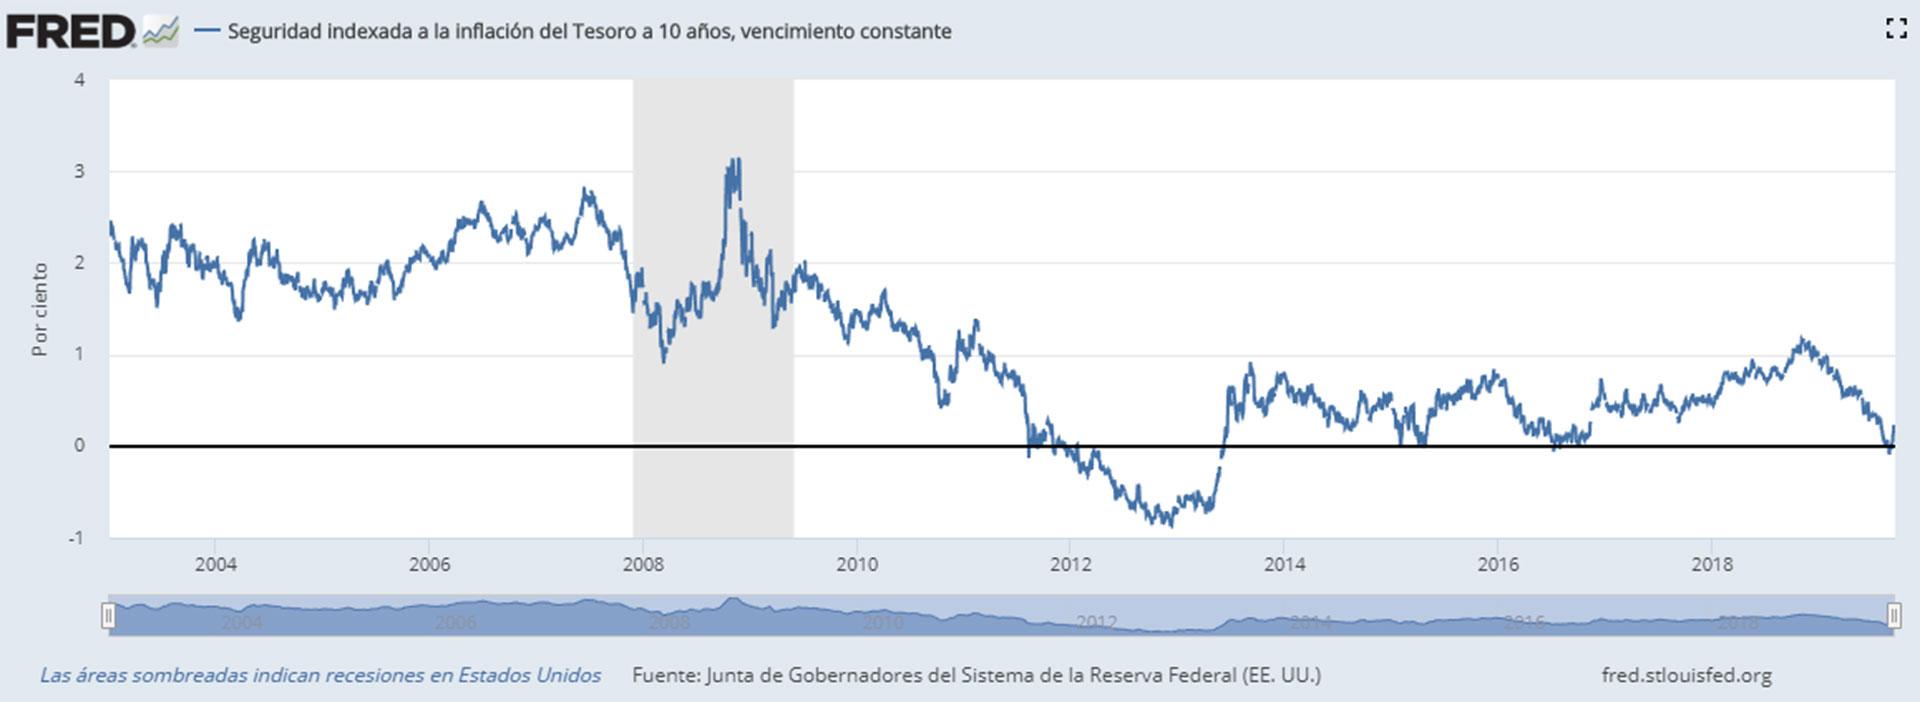 Ajustado por inflación, el rendimiento de los bonos del tesoro estadounidense a 10 años es efectivamente cero